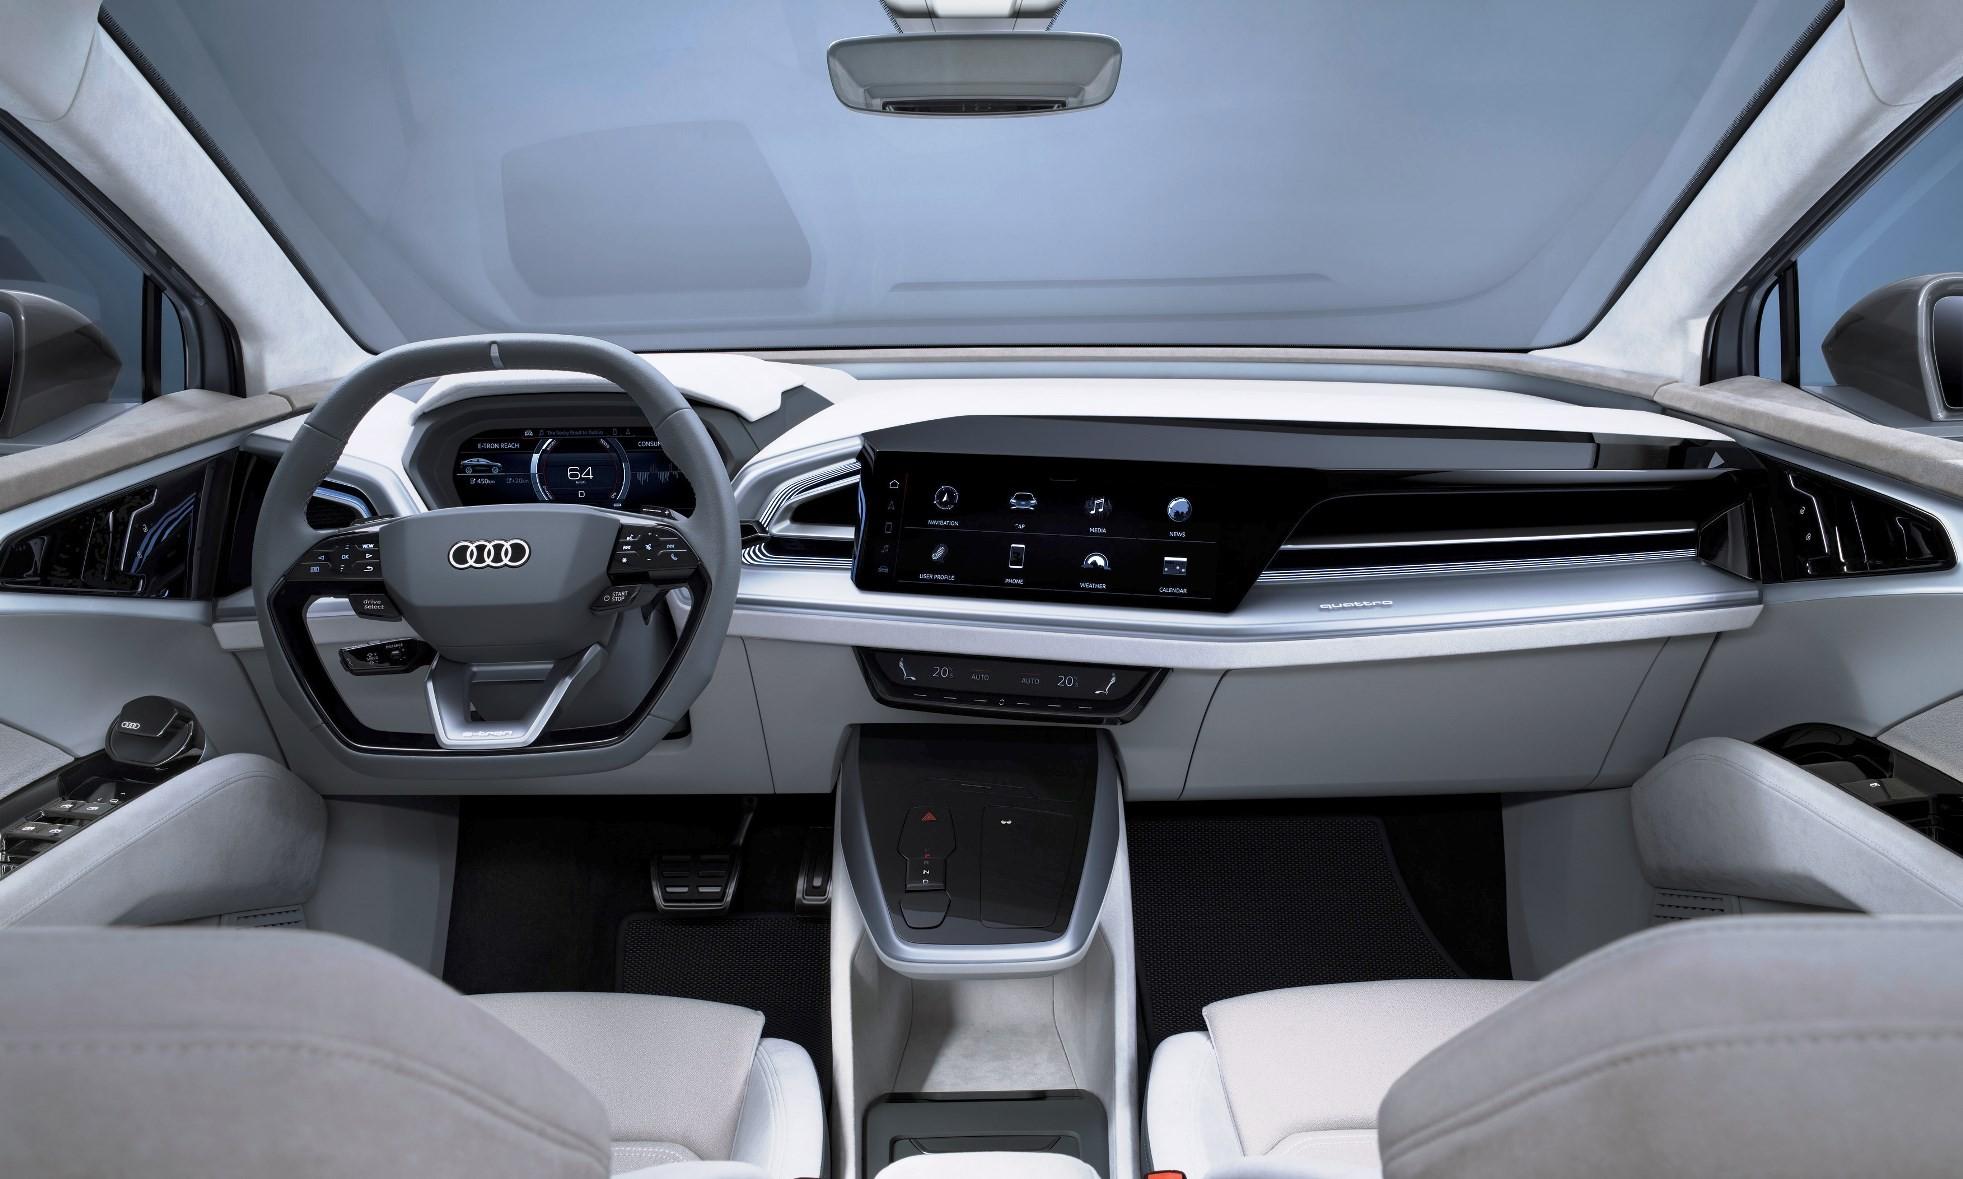 Audi Q4 E-Tron Sportback Concept interior